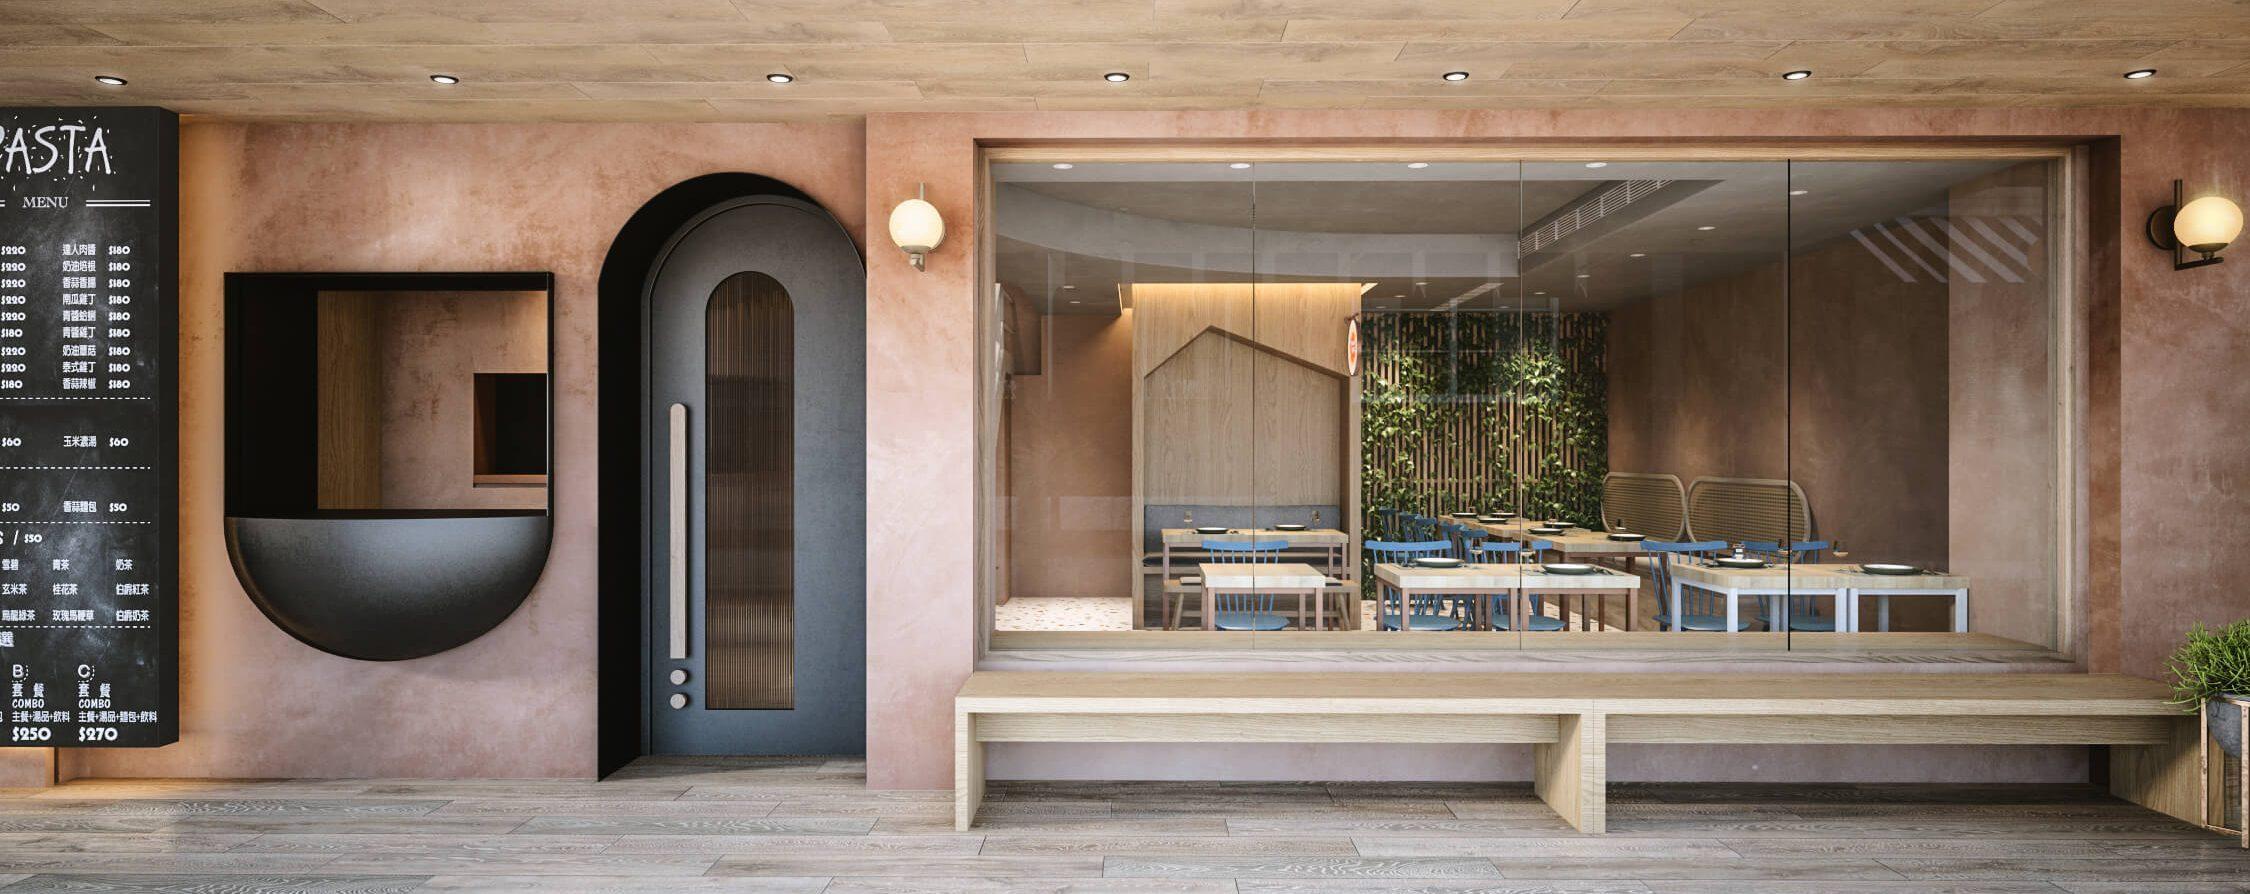 商業空間設計流程|先租店面還是先找設計師?